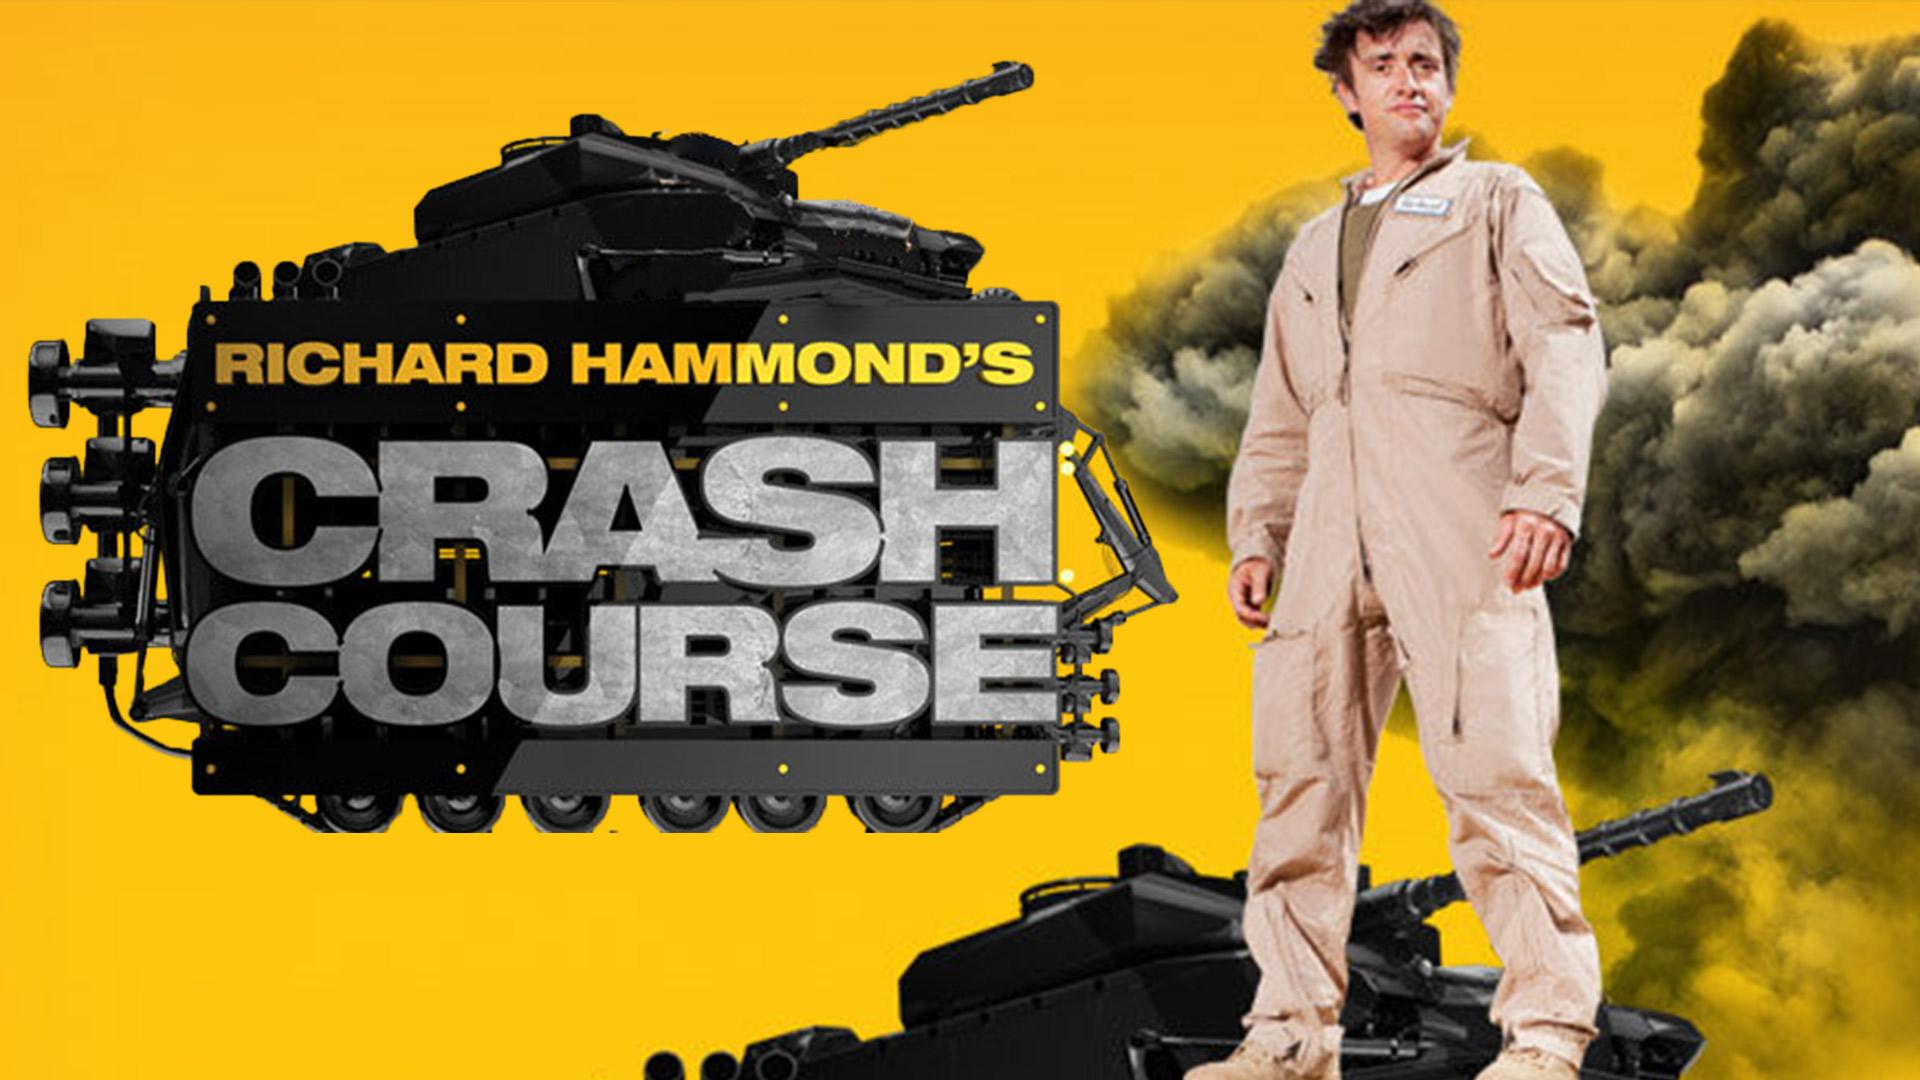 Richard Hammond's Crash Course Season 1